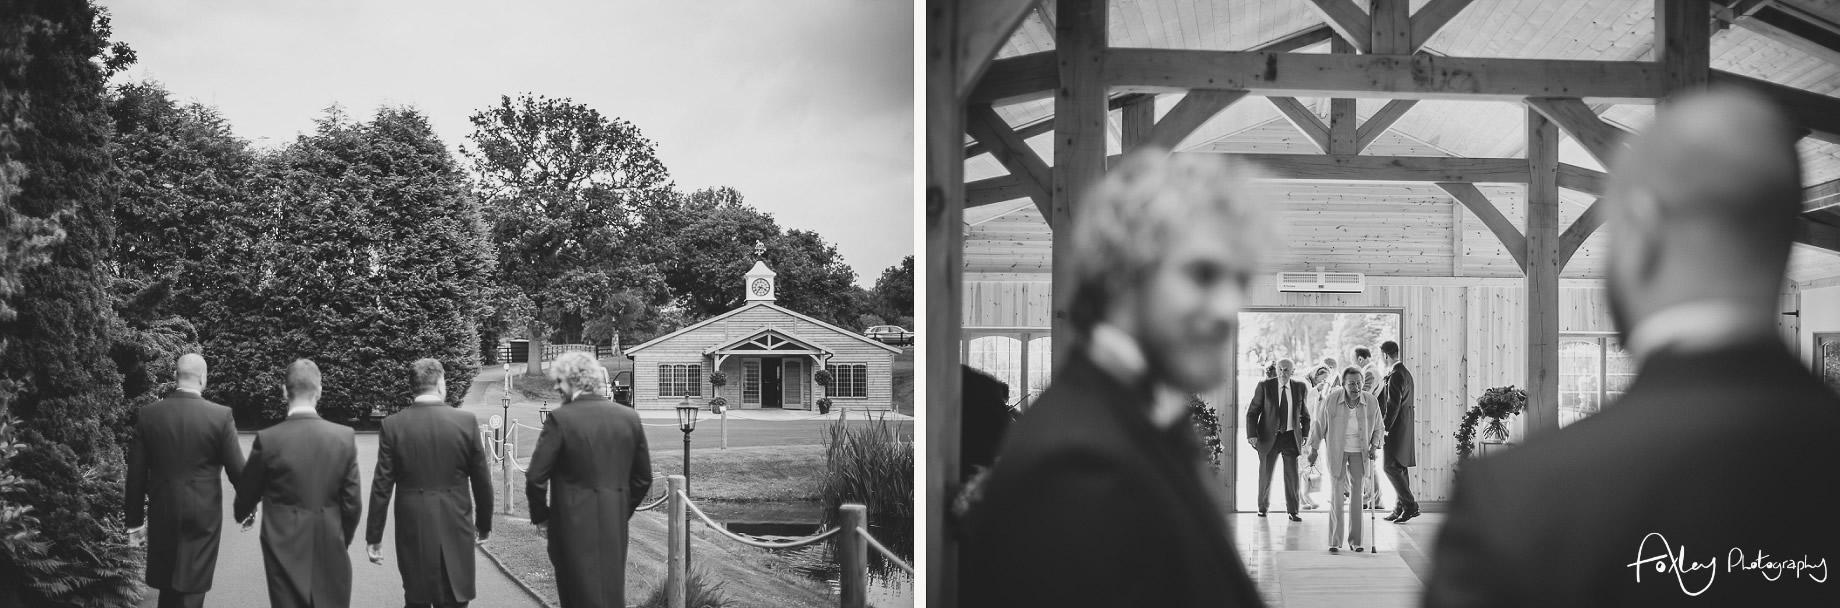 Simona-and-Robert-Wedding-at-Colshaw-Hall-088